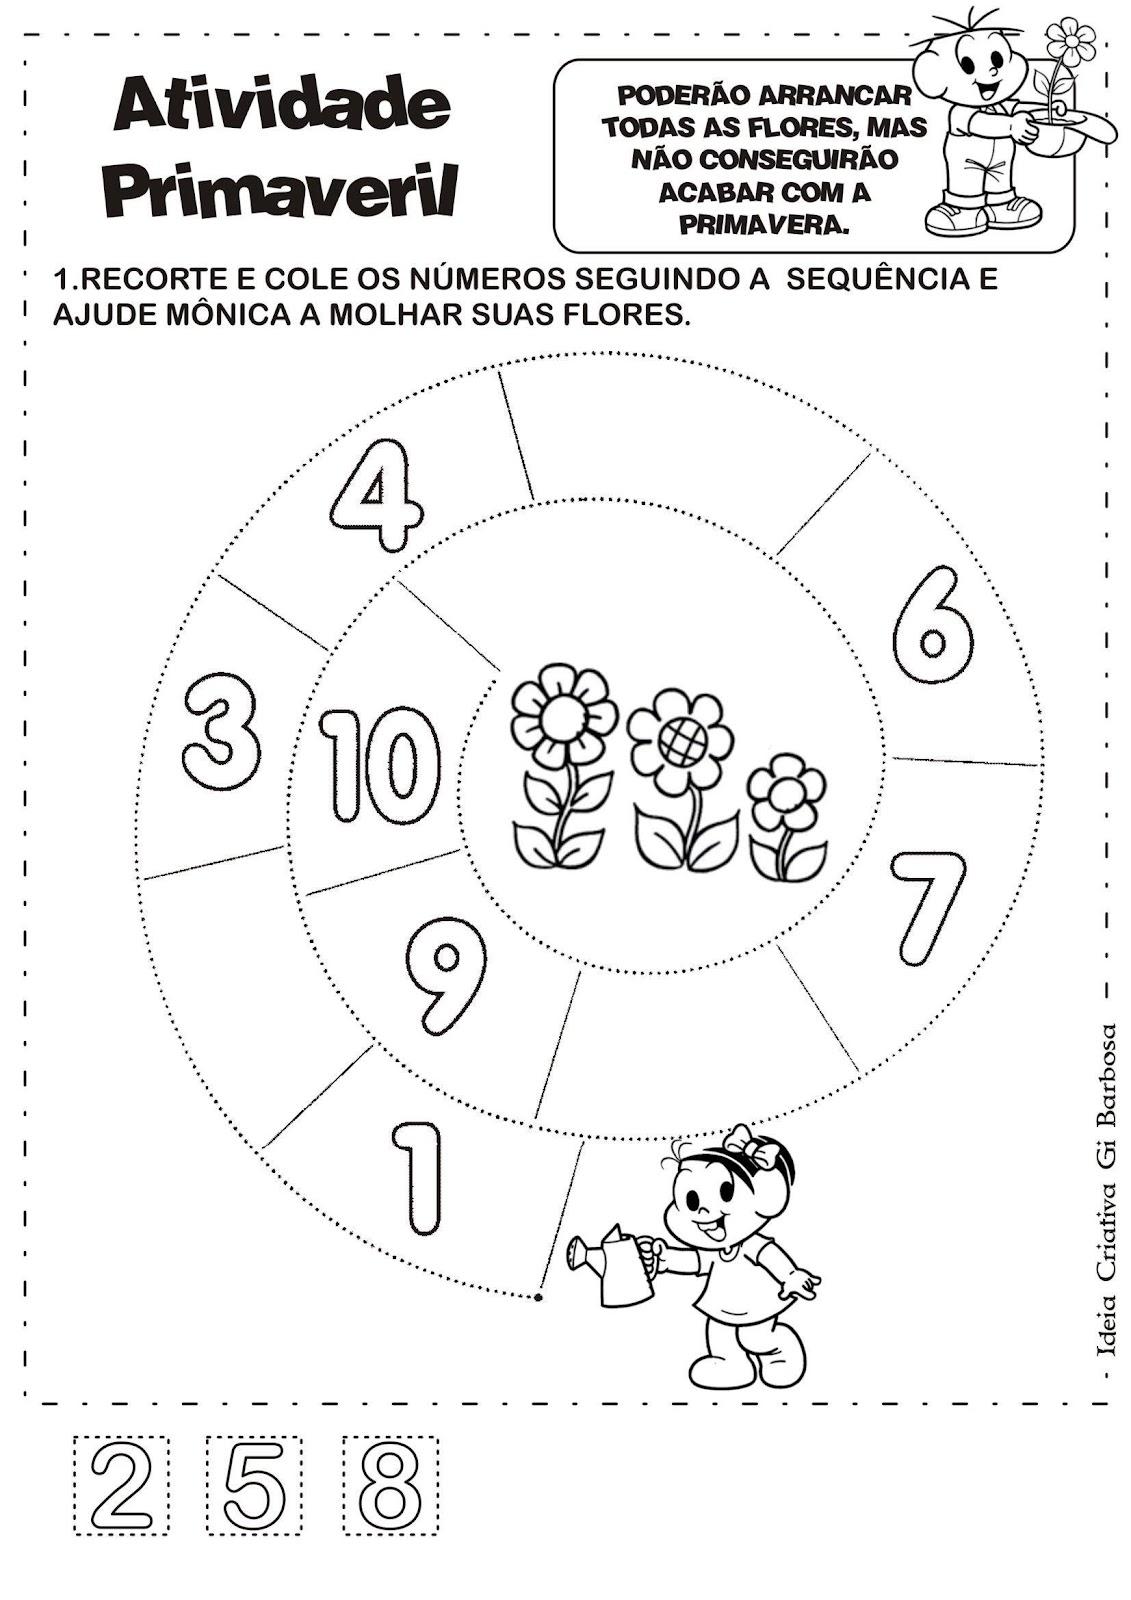 Conhecido Álbum com Atividades Projeto Primavera | Ideia Criativa - Gi  XY76